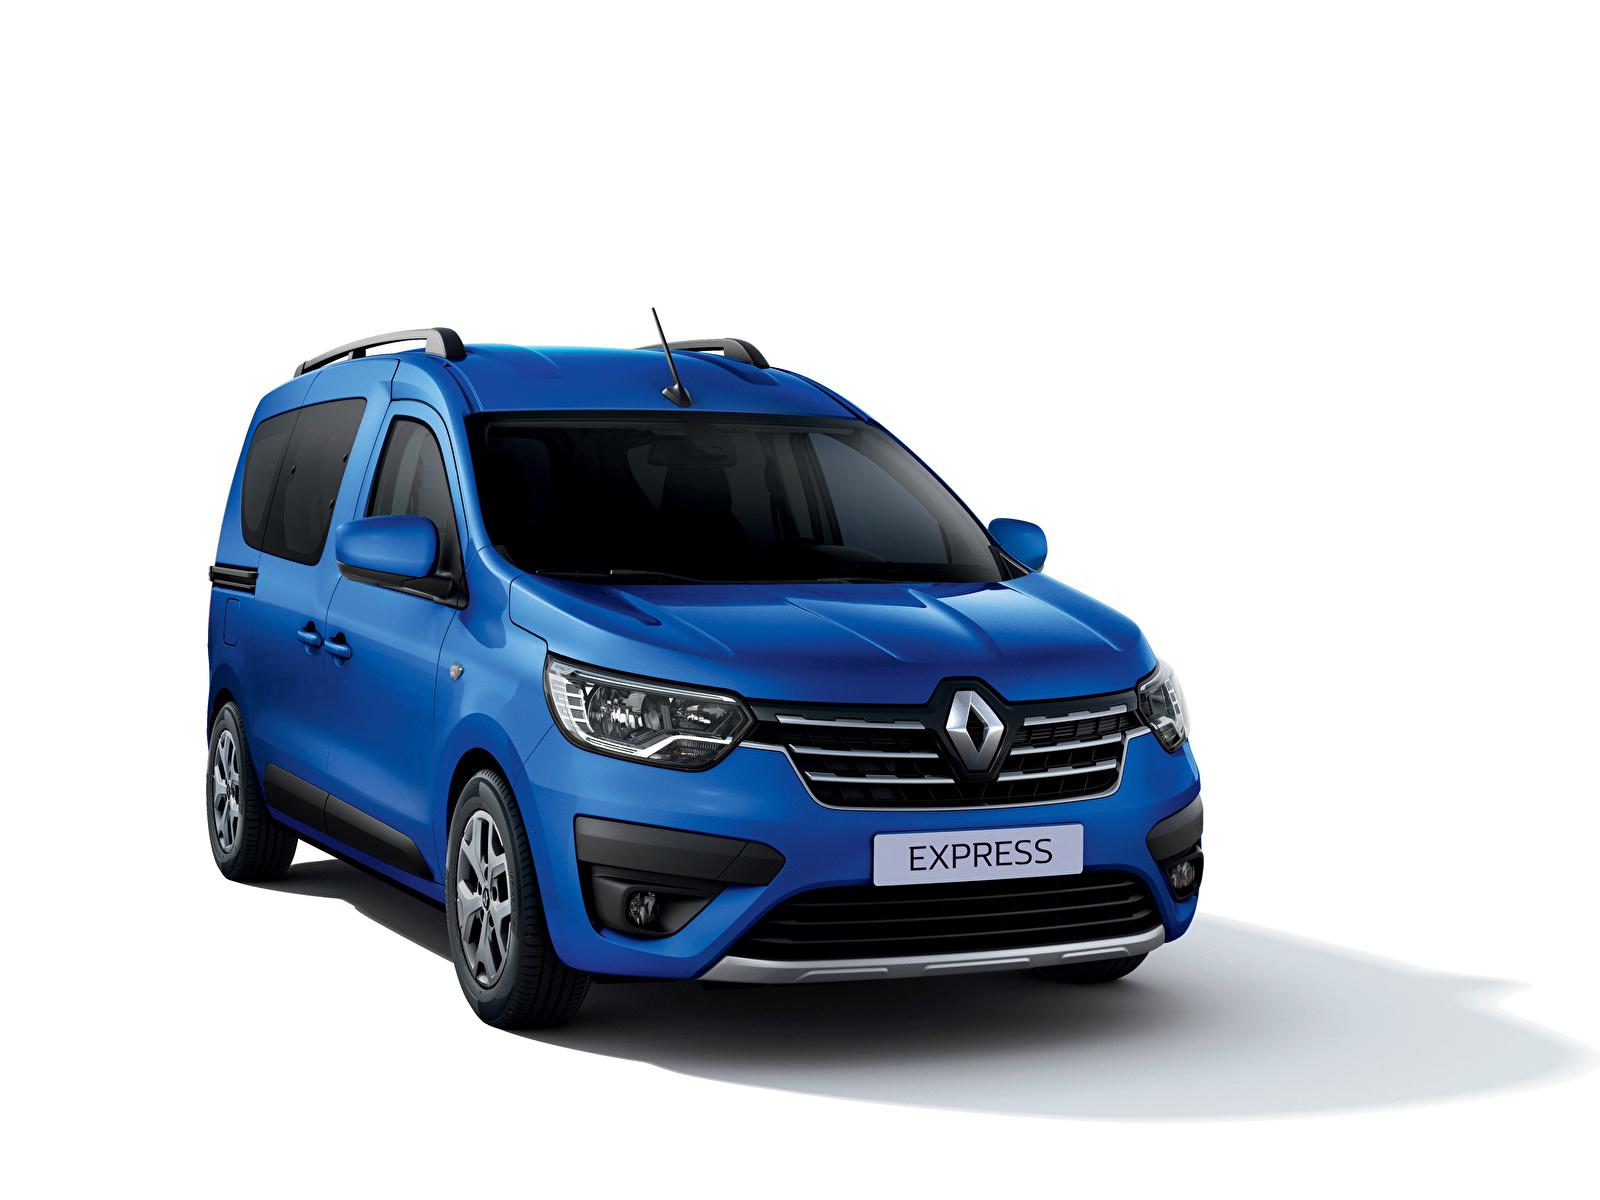 Фотографии Renault Express, 2021 Минивэн Синий машина Металлик белым фоном 1600x1200 Рено синяя синие синих авто машины Автомобили автомобиль Белый фон белом фоне